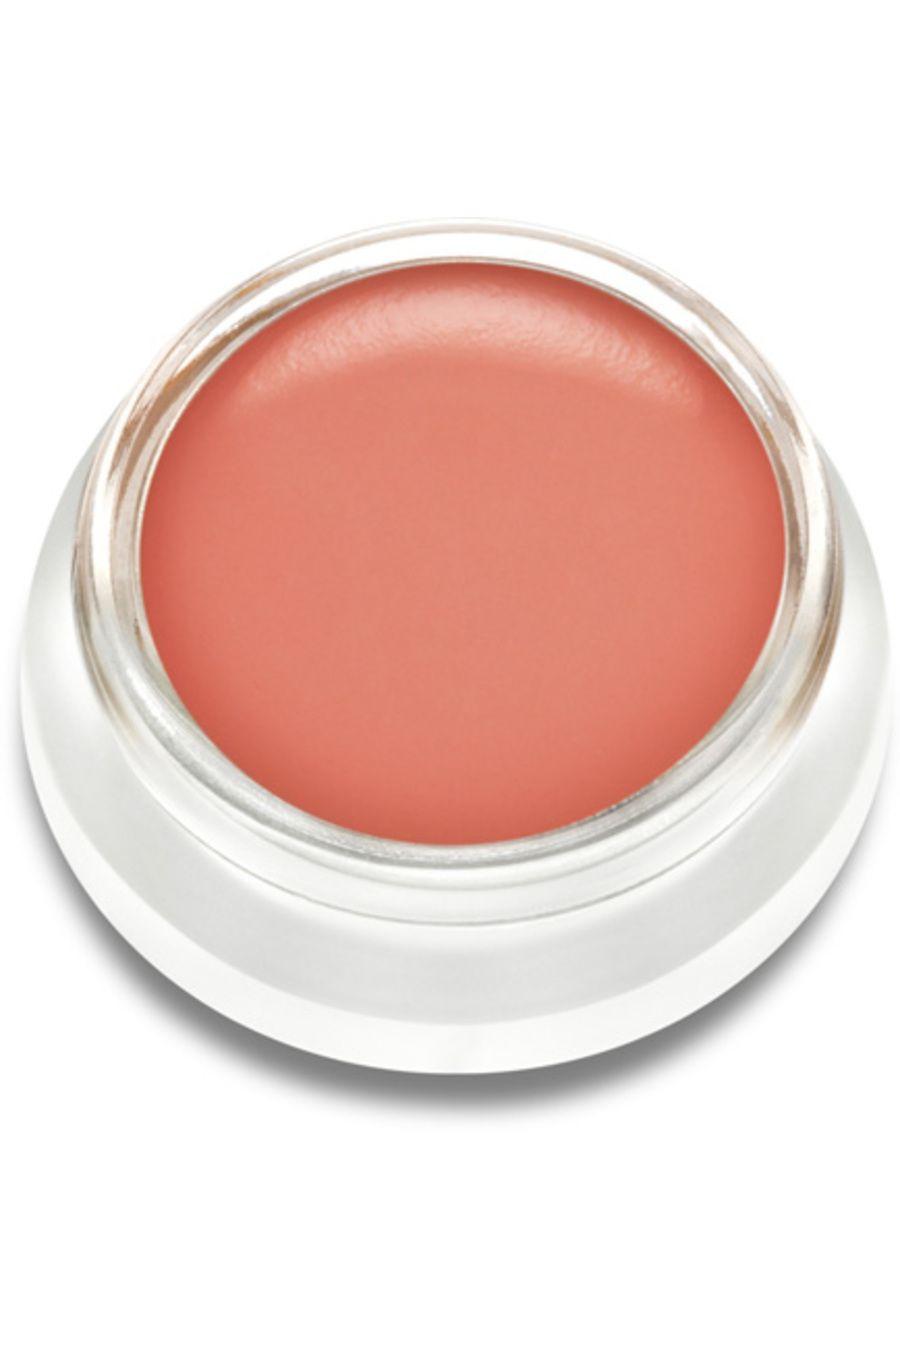 Blissim : RMS Beauty - Lip2Cheek - Smile